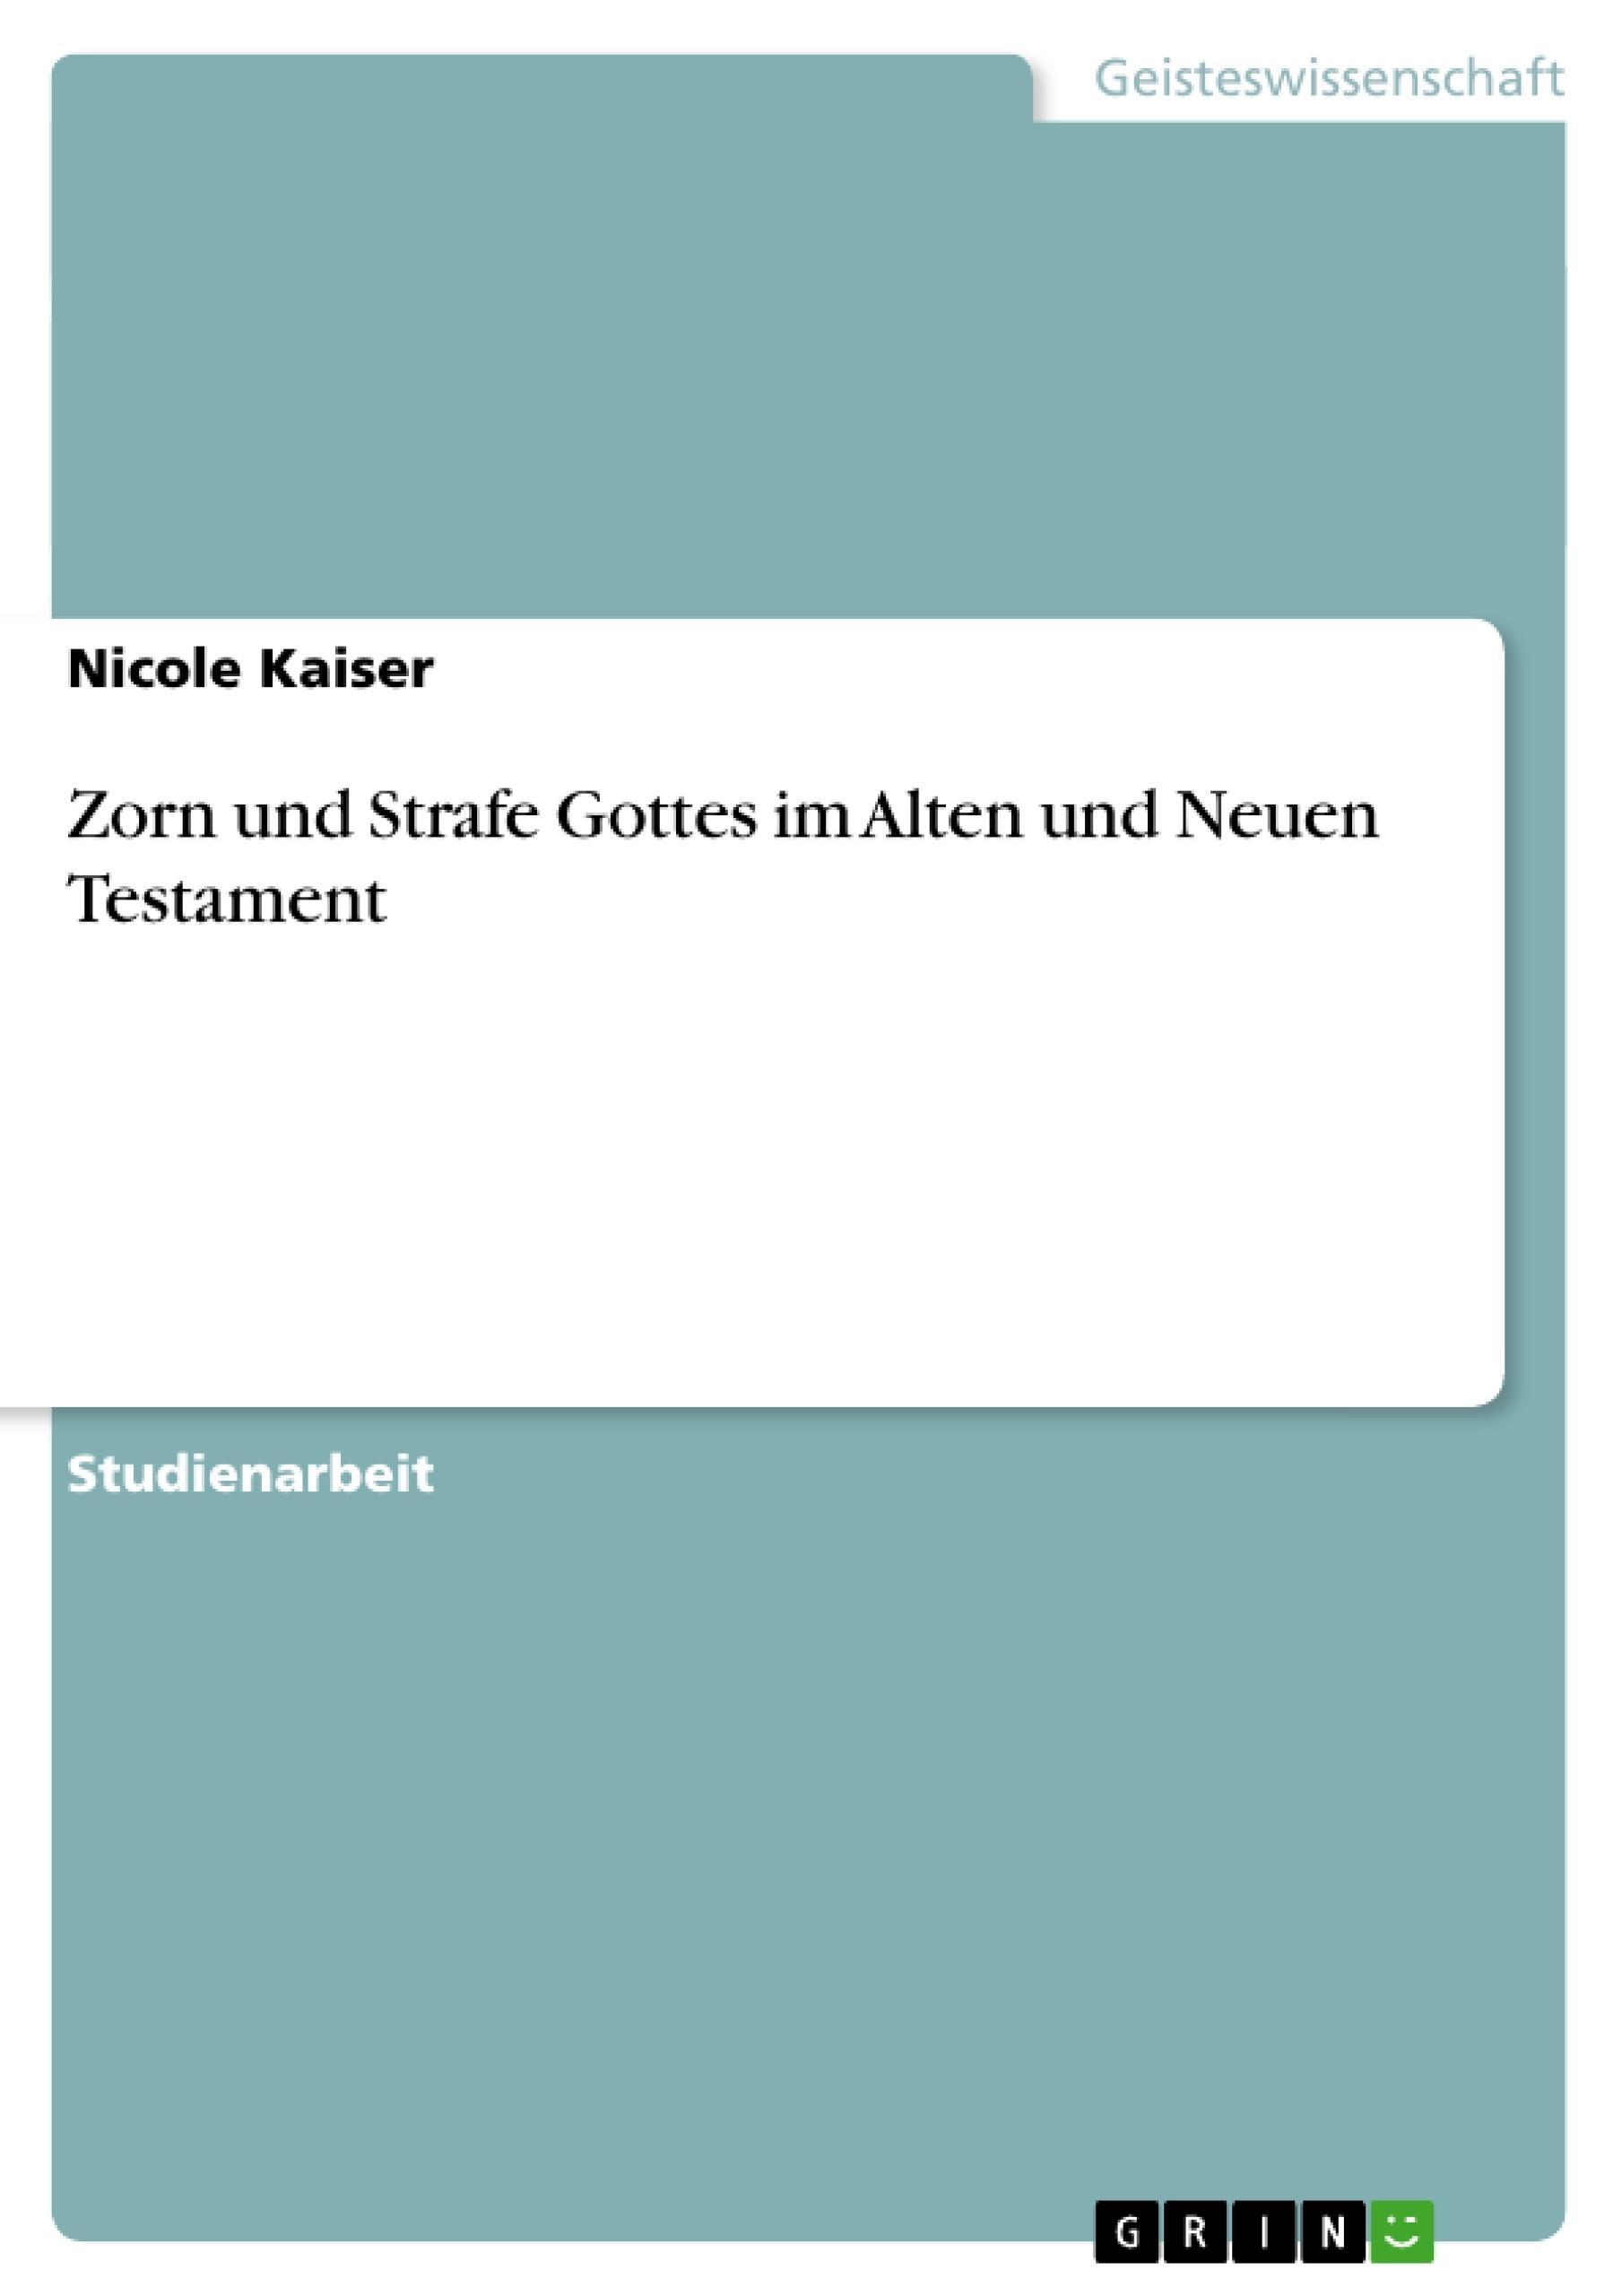 Titel: Zorn und Strafe Gottes im Alten und Neuen Testament